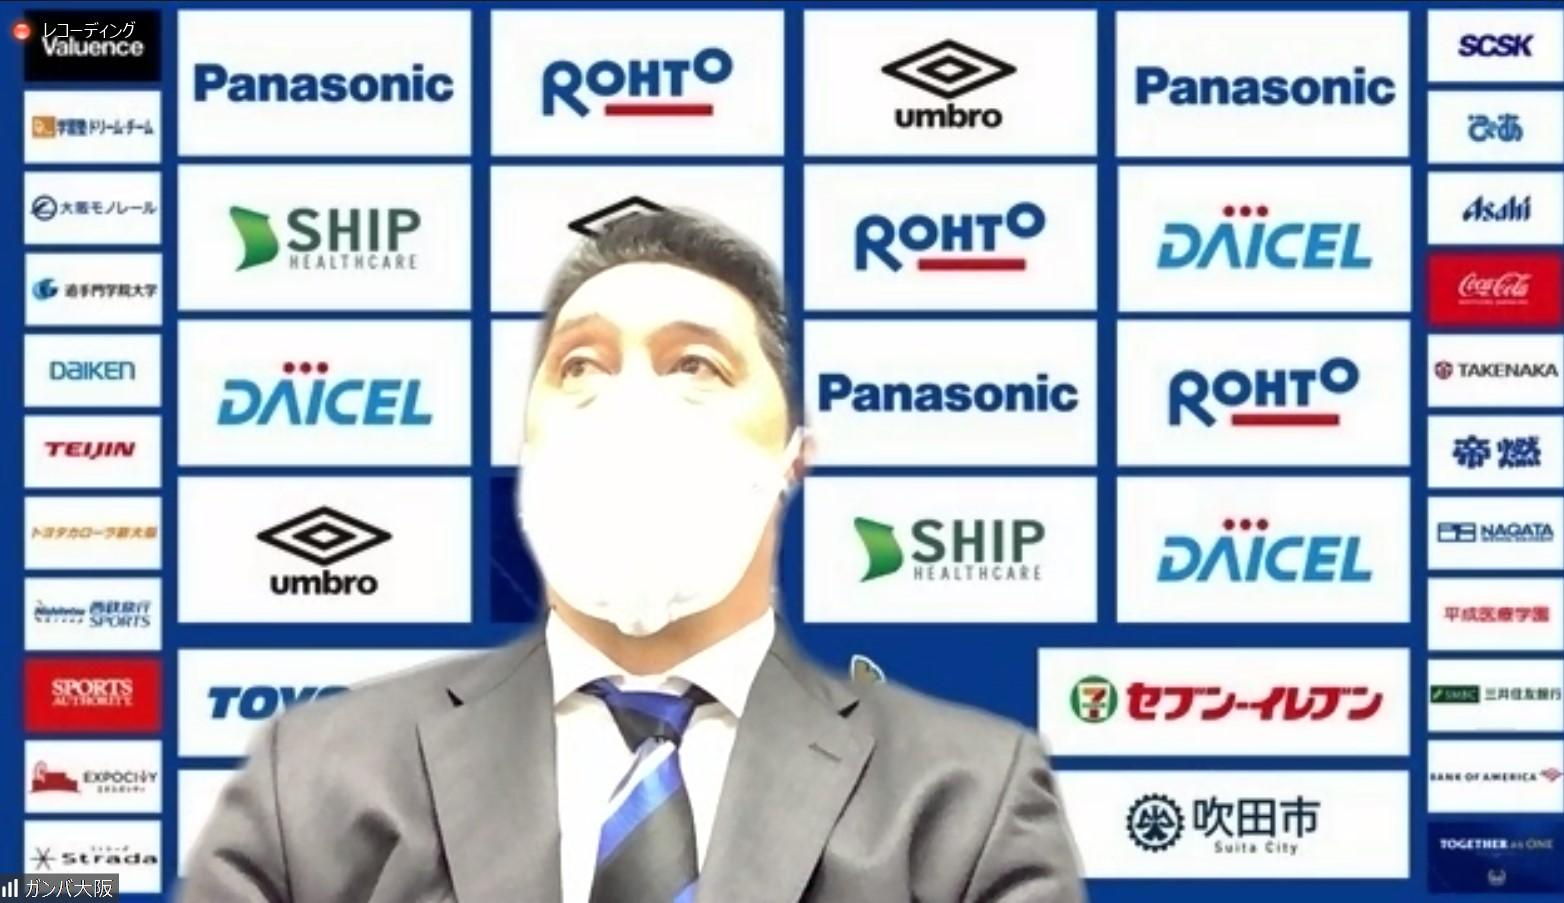 Photo of 【G大阪】松波正信監督の体制継続を正式発表。条件面などマッチせず。小野社長「4つの理由」を挙げる   サカノワ   サカノワ